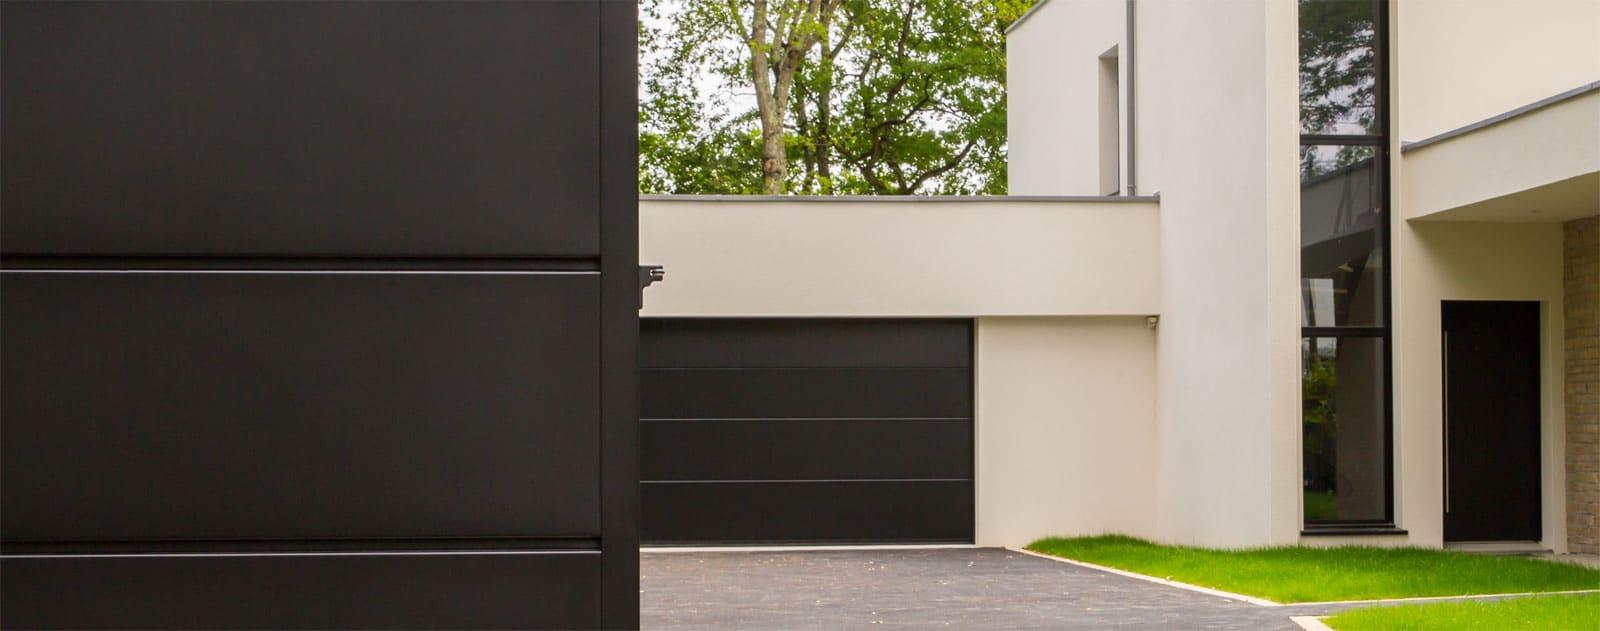 portail sur mesure perfect portail en fer ferronnerie portail coulissant portillon de jardin. Black Bedroom Furniture Sets. Home Design Ideas